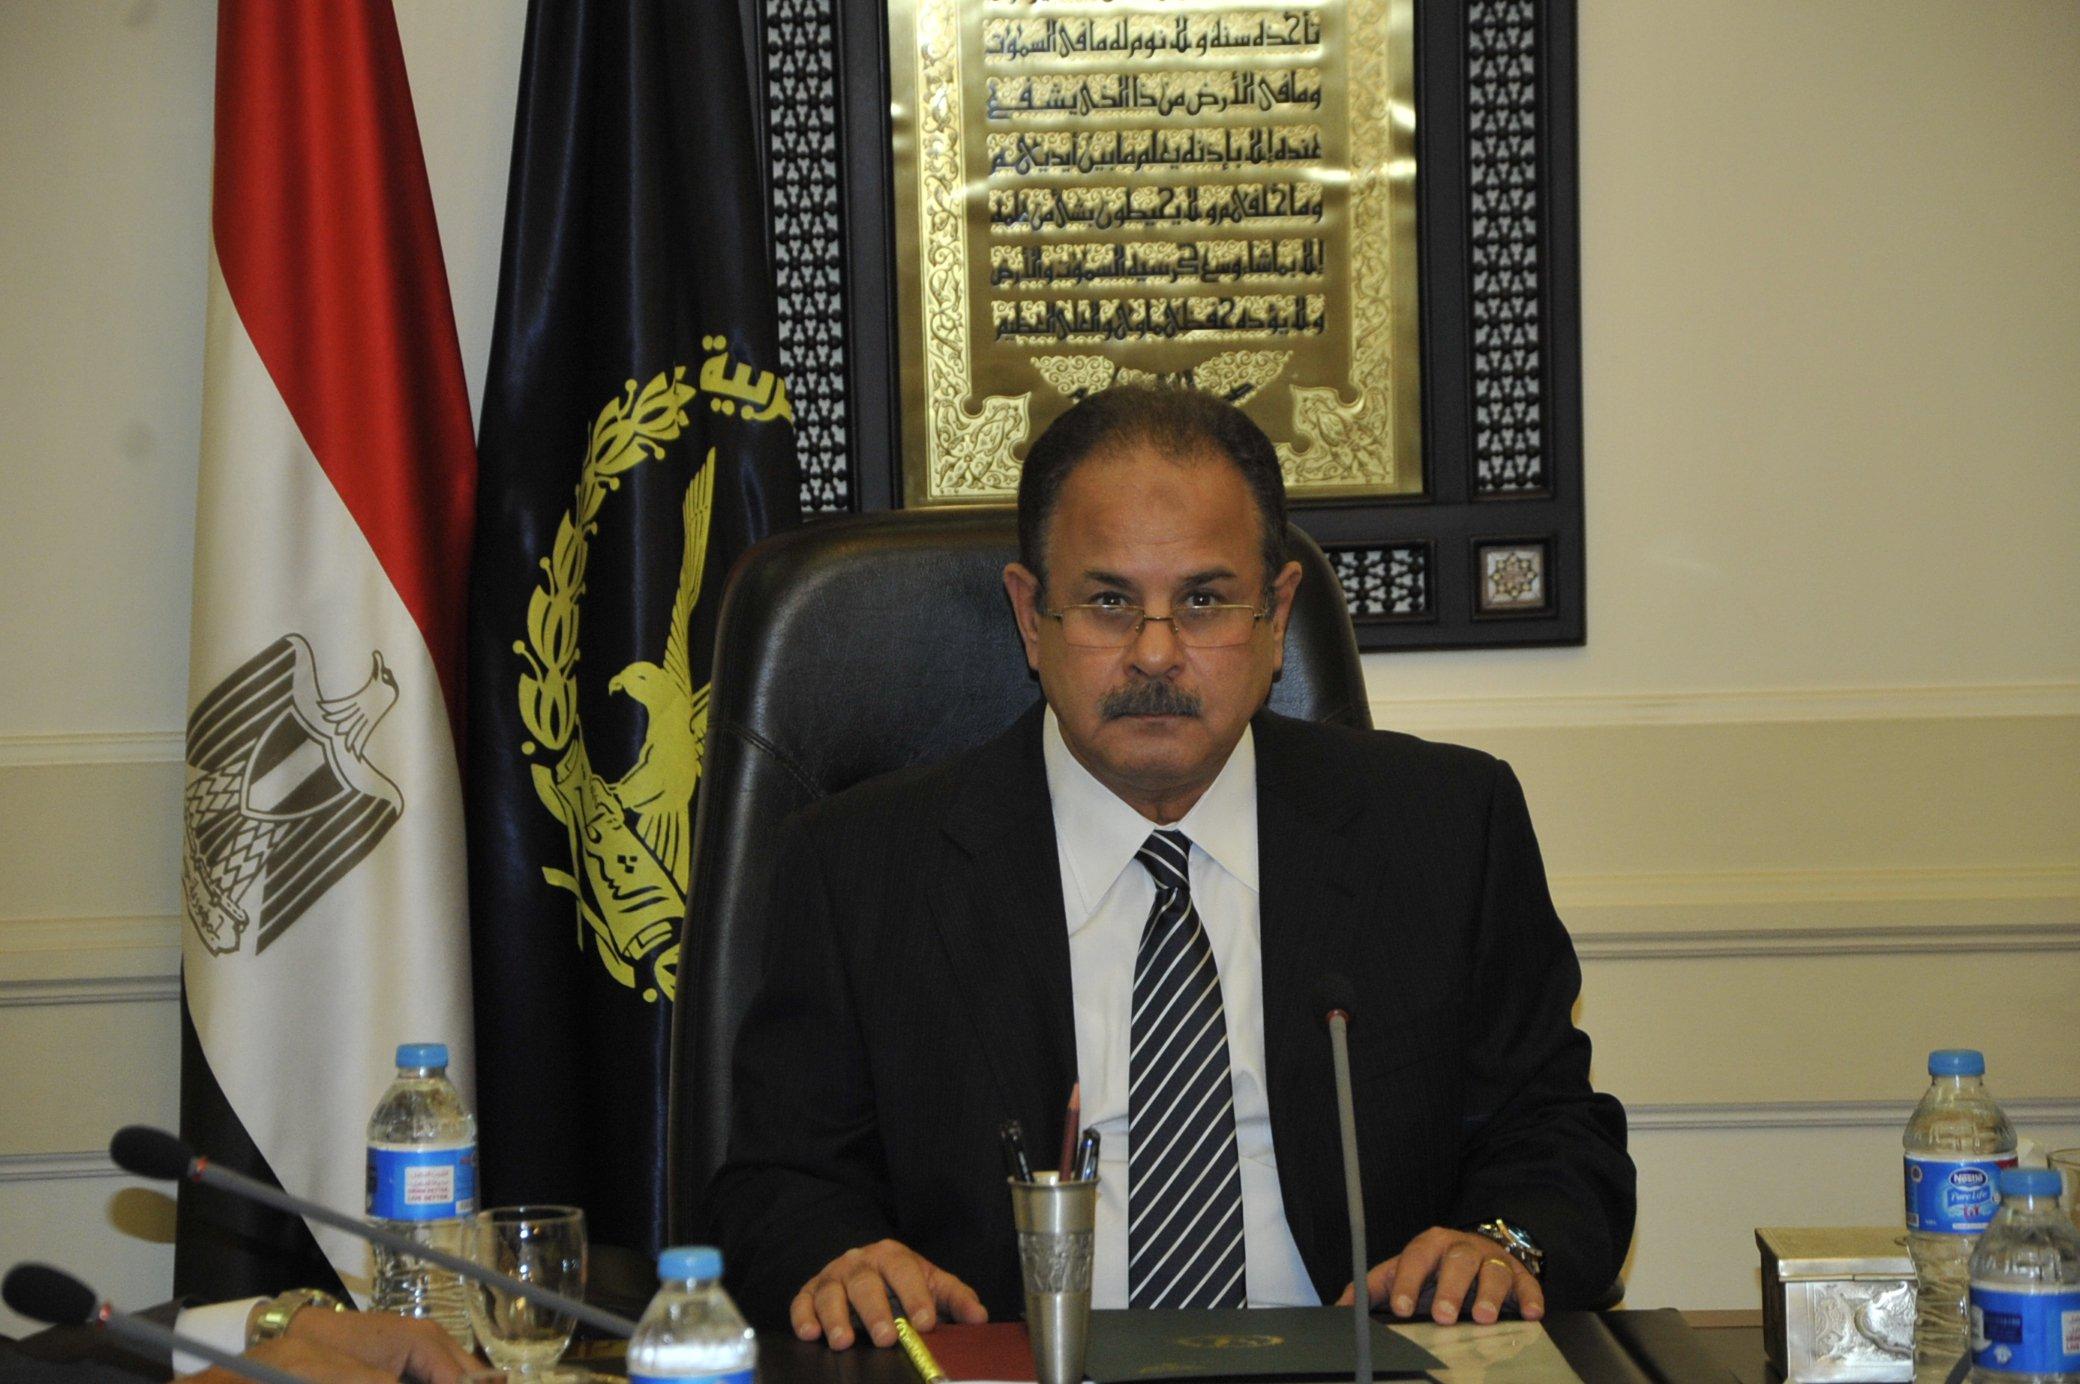 صورة وزير الداخلية يصدر قراراً برفع رسوم استخراج وثائق الأحوال المدنية